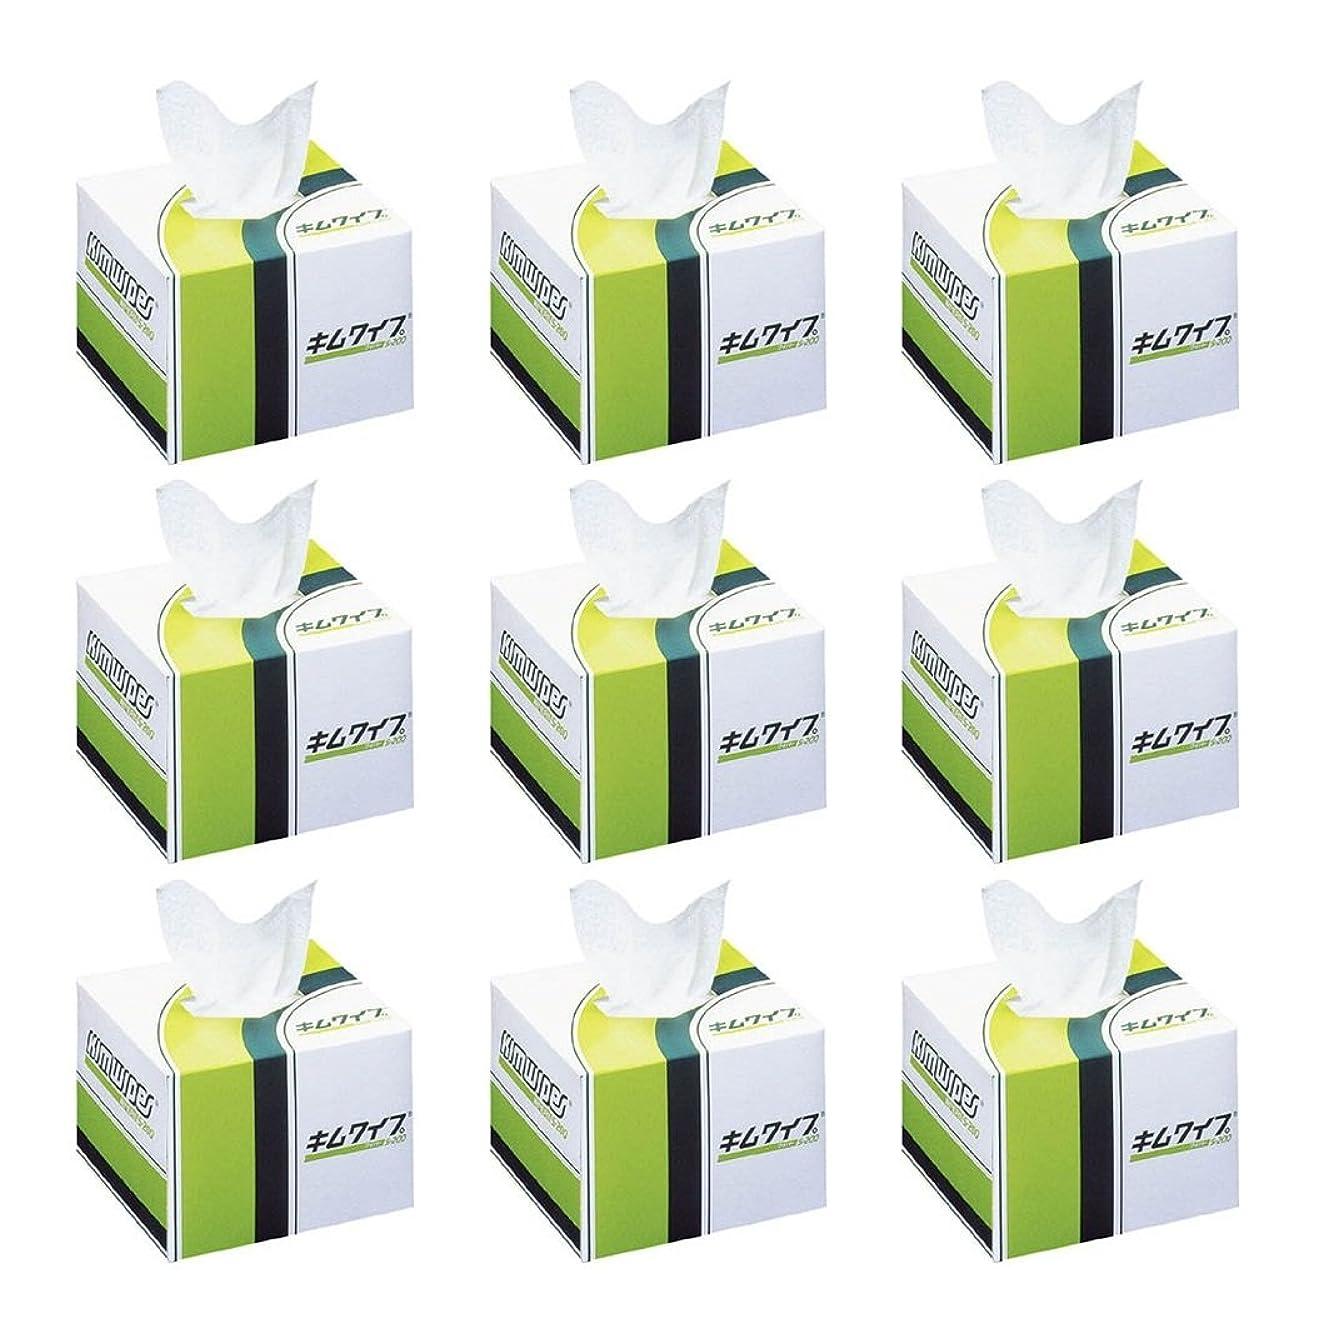 プロット観察するキャビンクレシア キムワイプ S-200 【62011】 9箱セット販売(200枚×9ボックス)